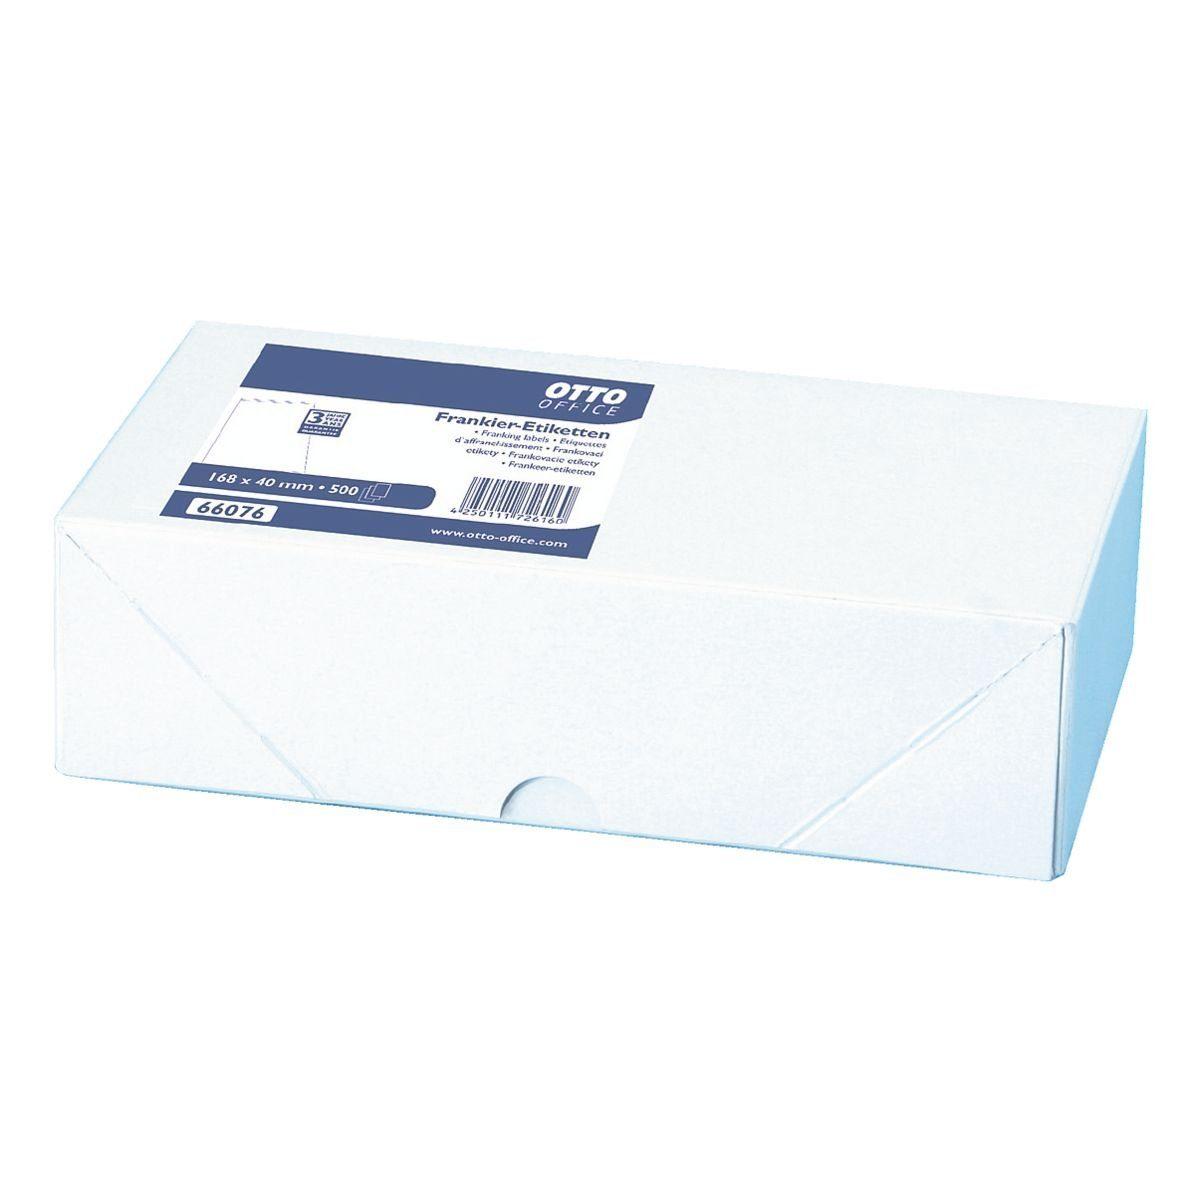 OTTO Office Standard 500er-Pack Frankieretiketten